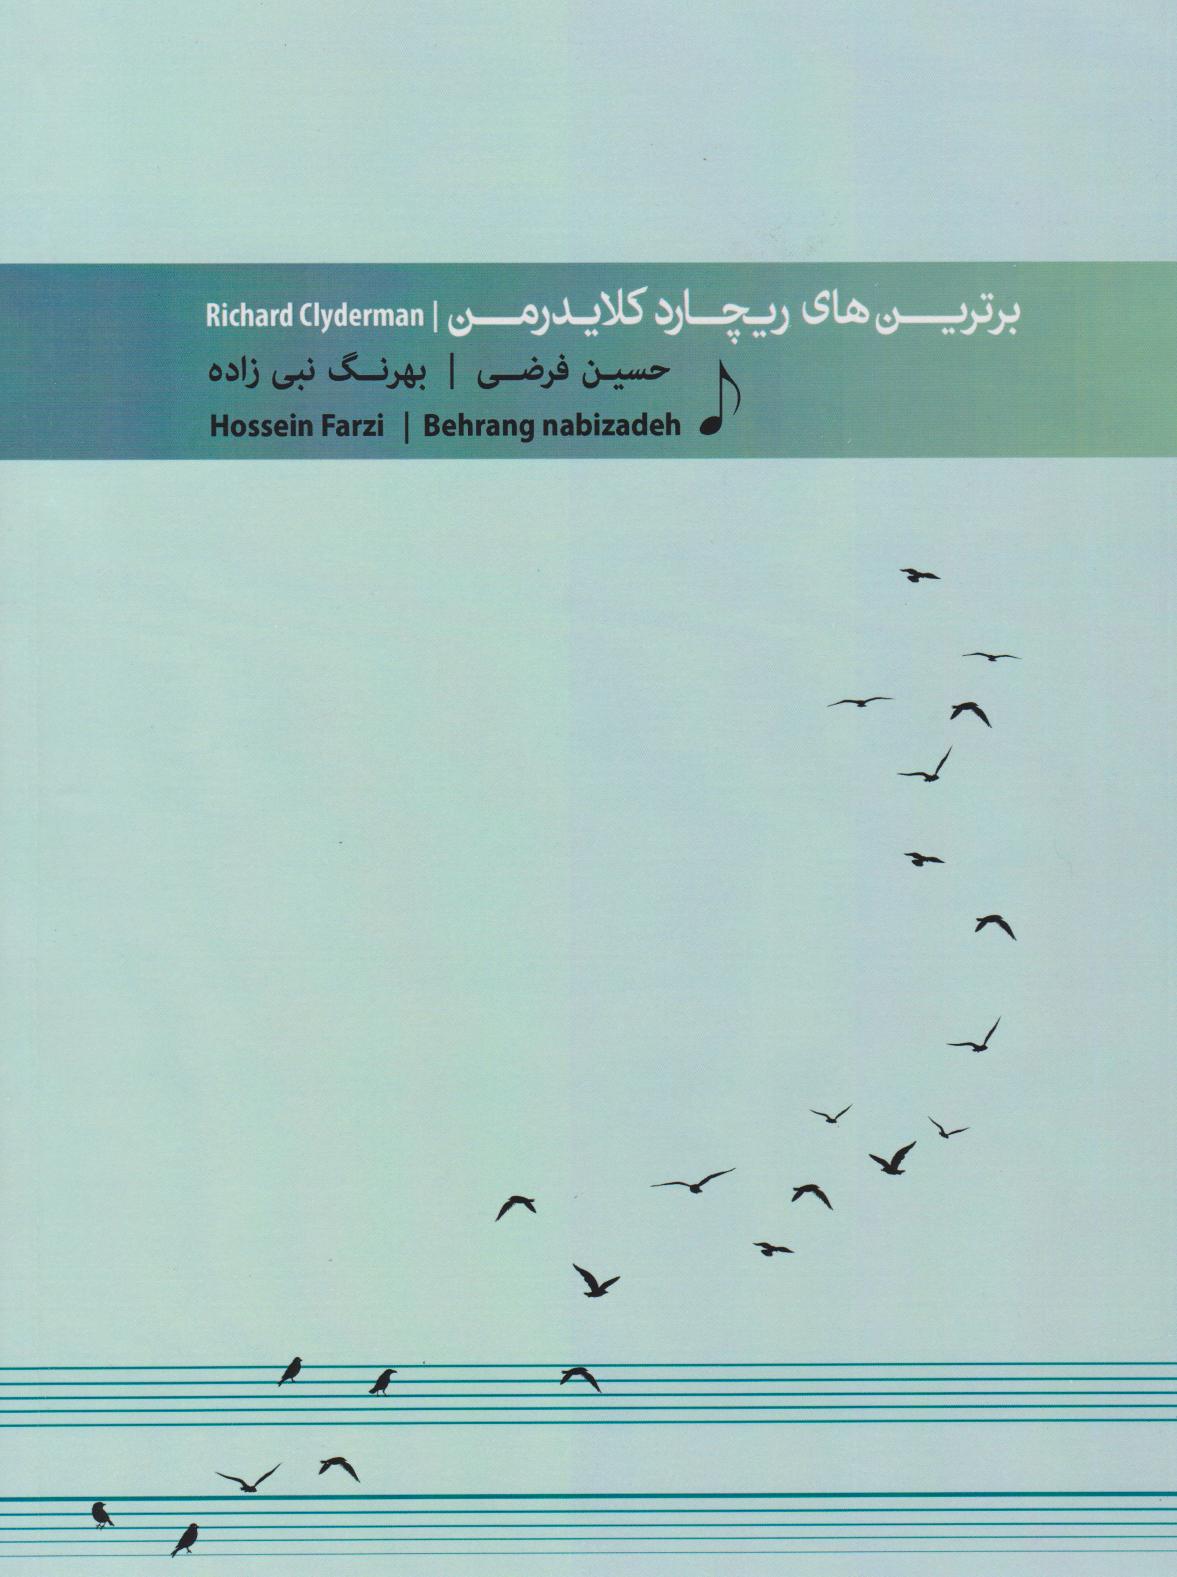 کتاب برترینهای ریچارد کلایدرمن بهرنگ نبیزاده حسین فرضی